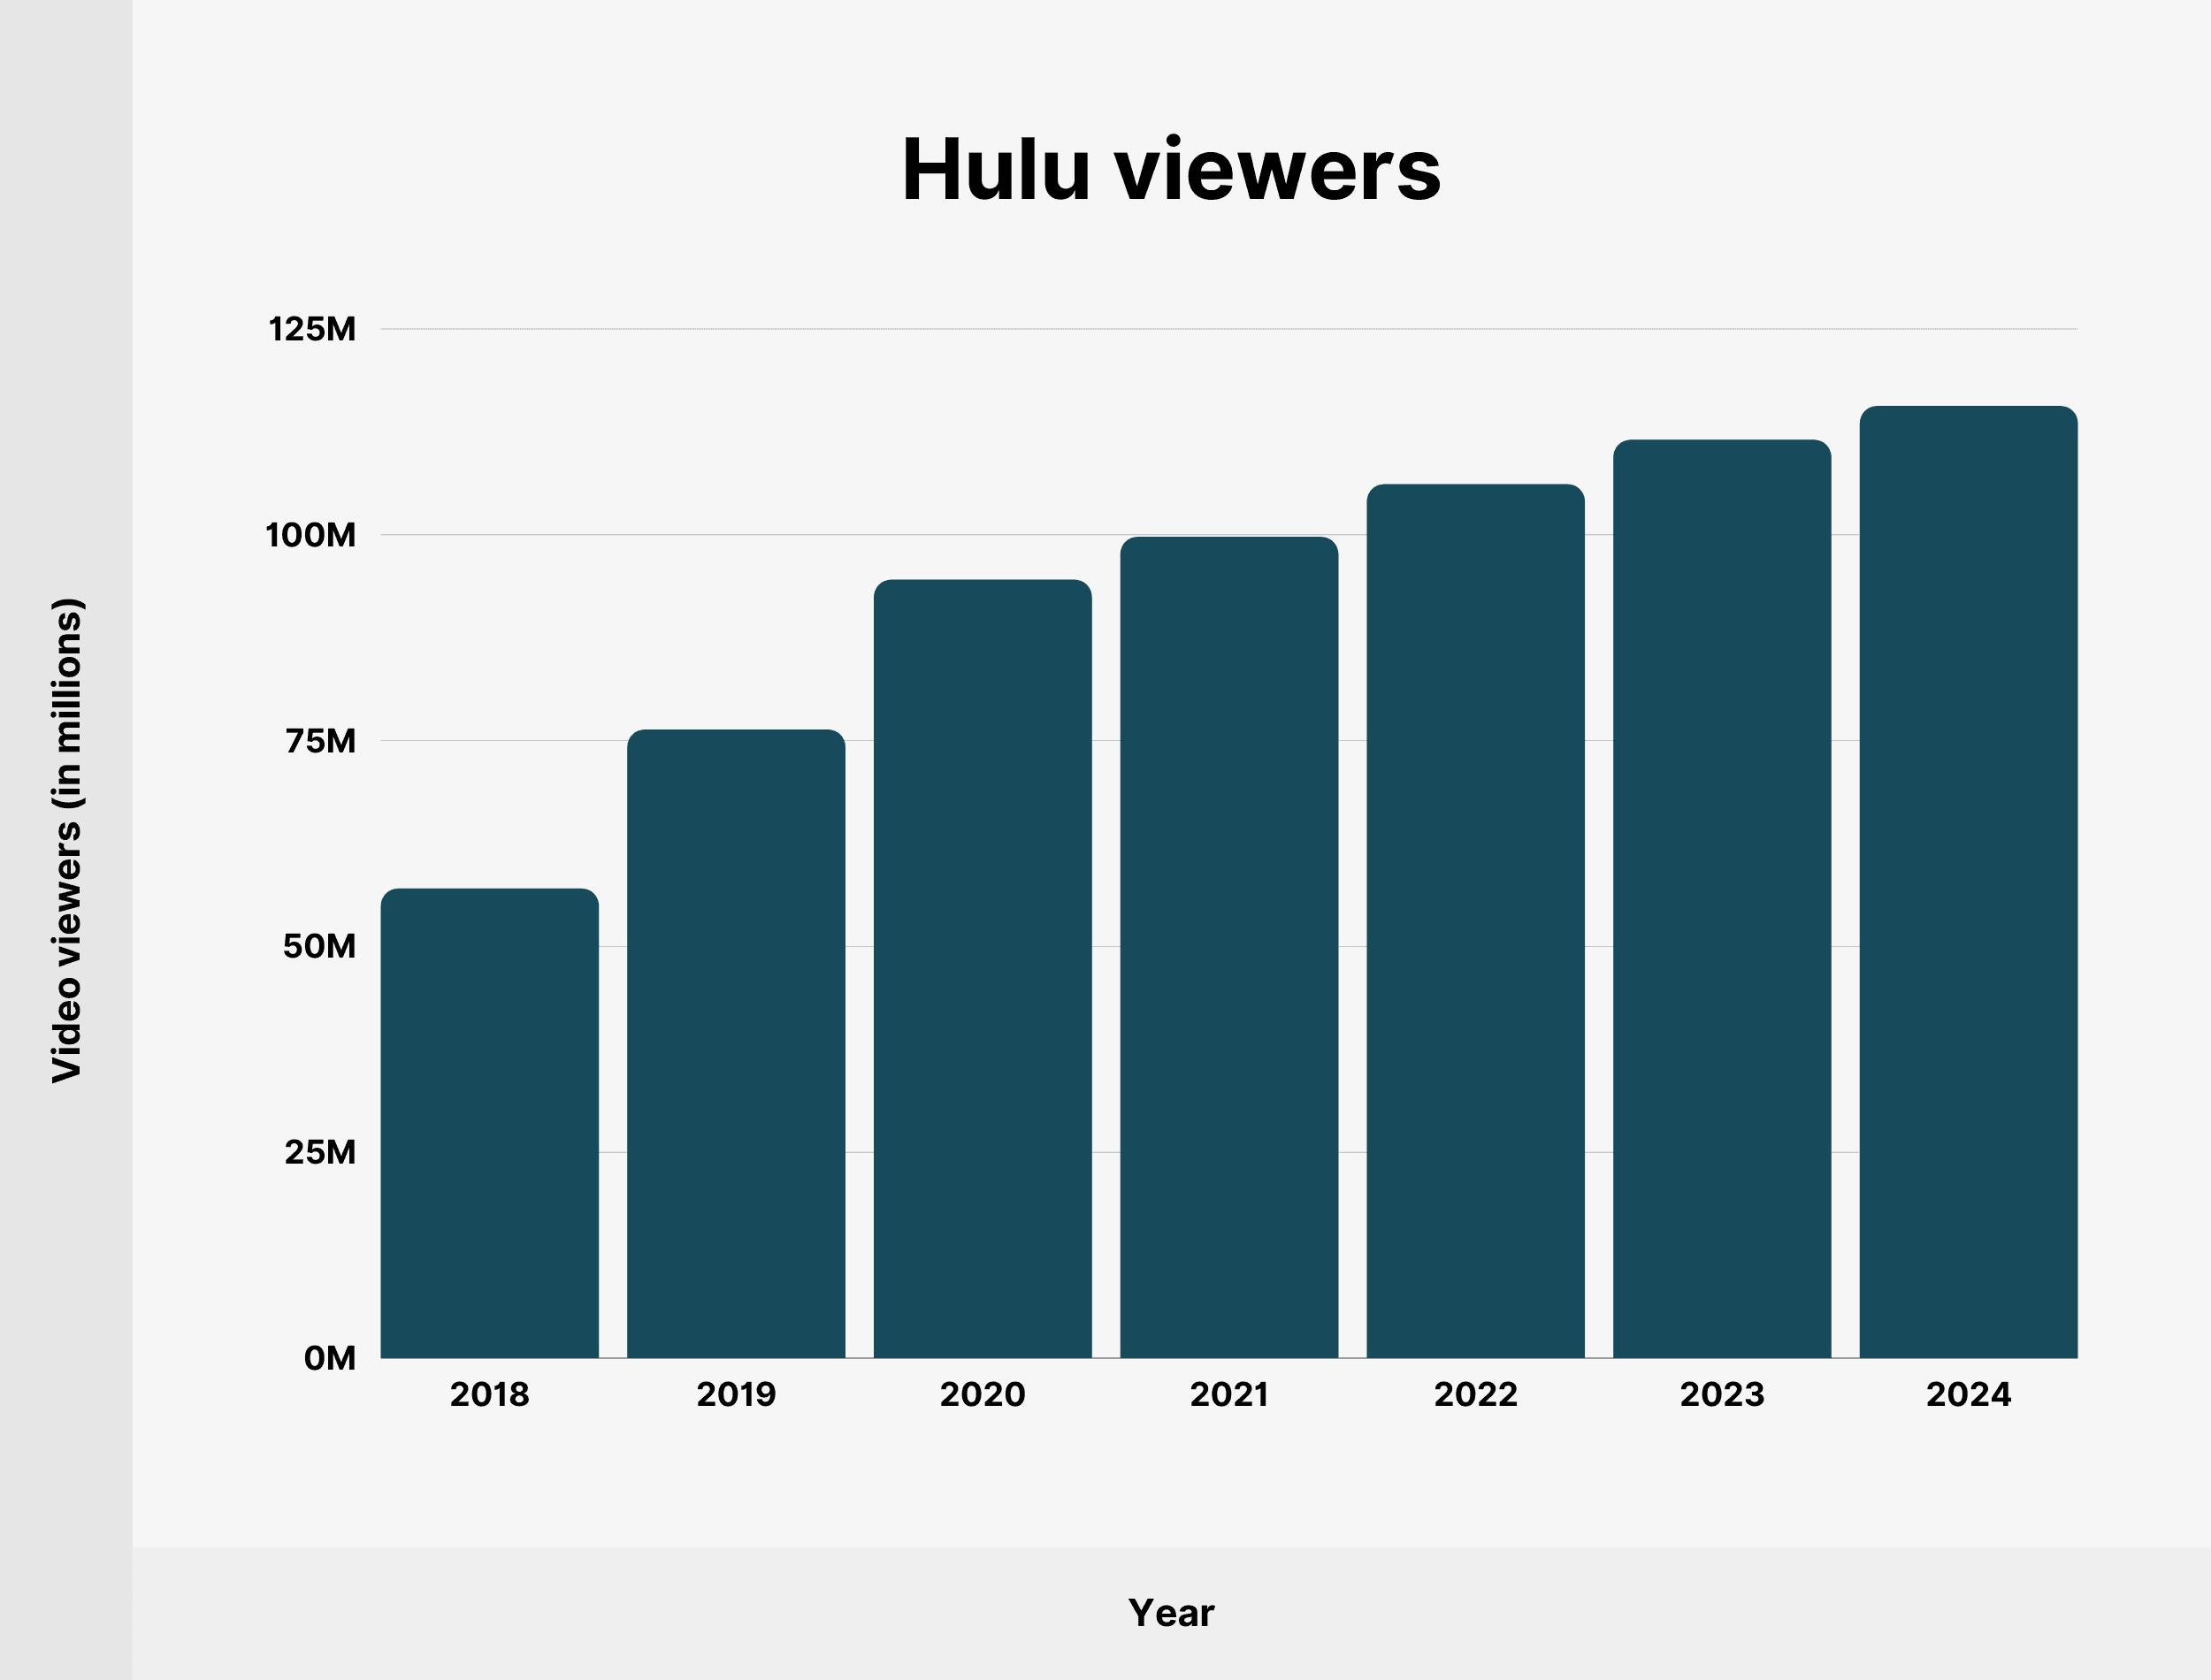 Hulu viewers